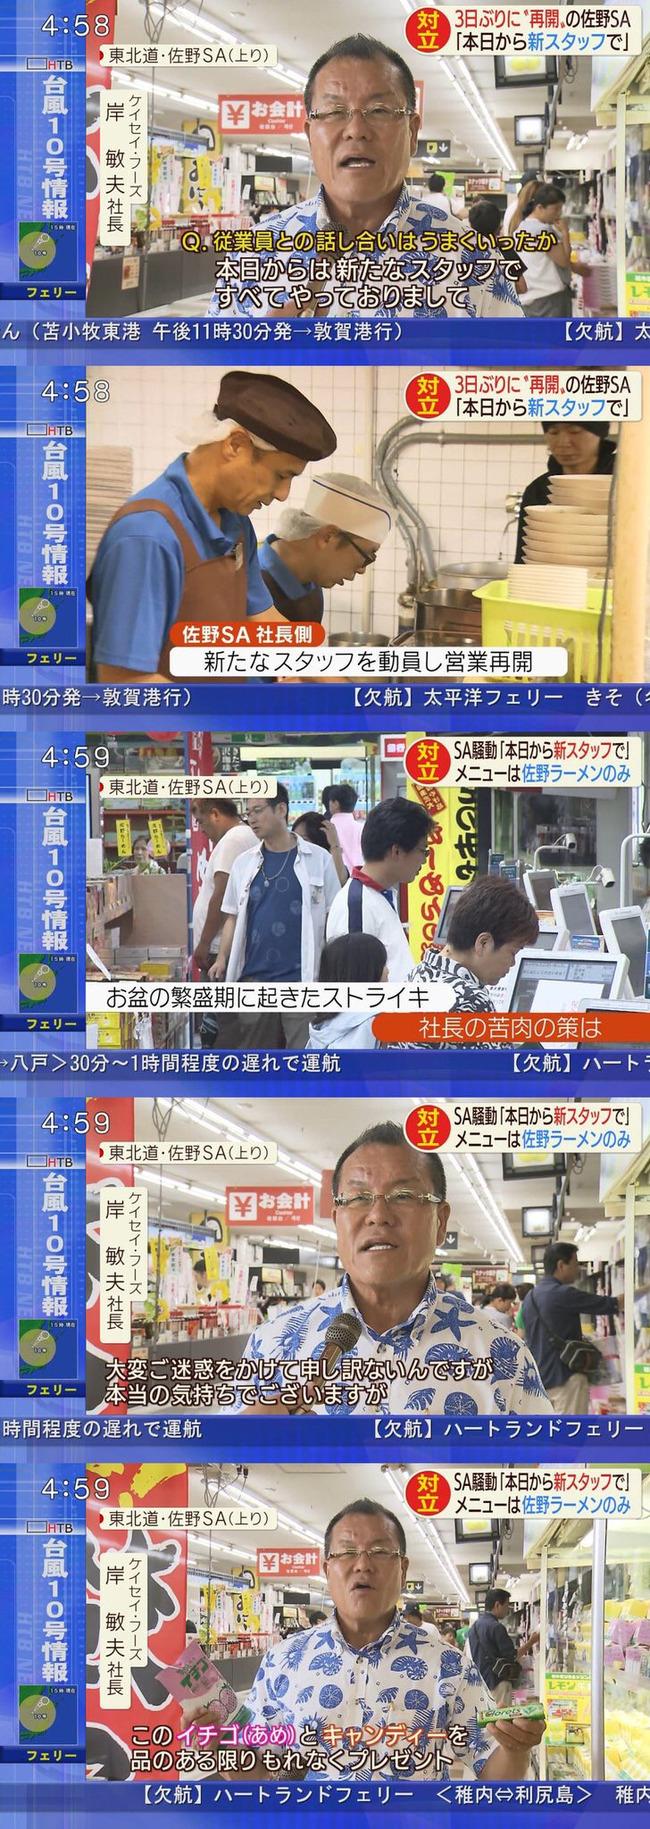 【朗報】佐野SA、ストライキを完全無視し、新規スタッフで何事も無く営業開始!